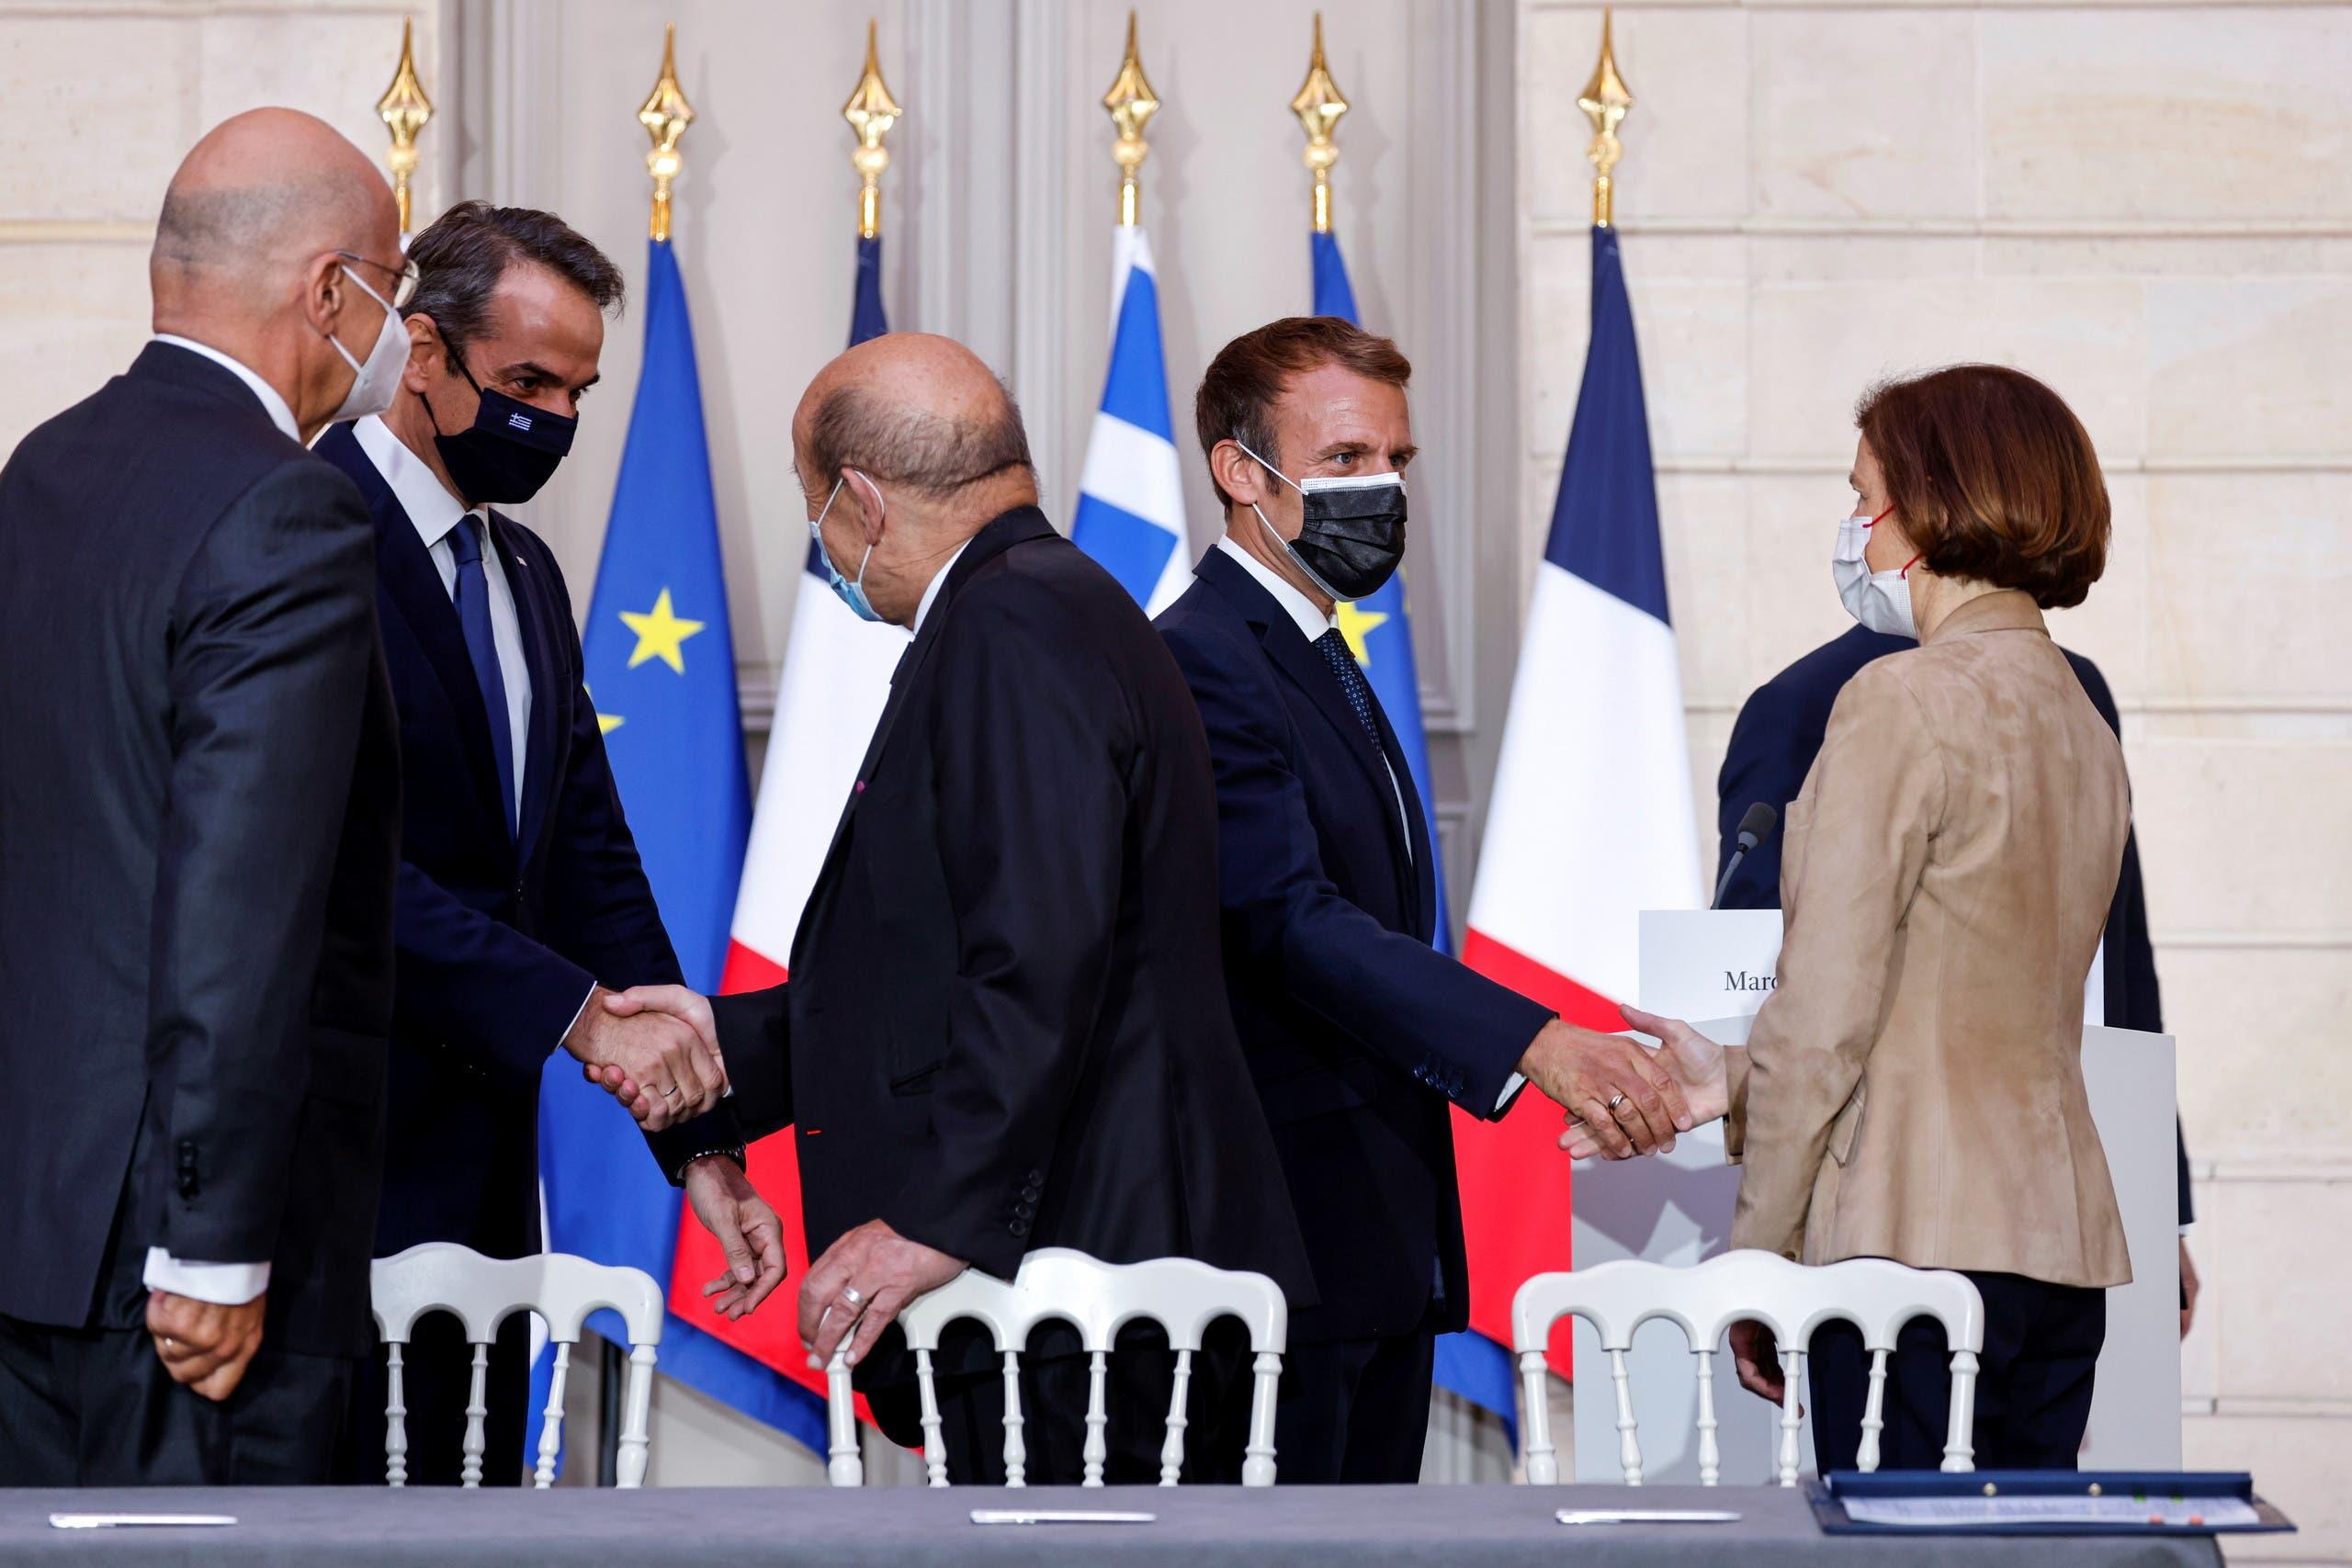 من مراسم توقيع الاتفاق بين اليونان وفرنسا اليوم